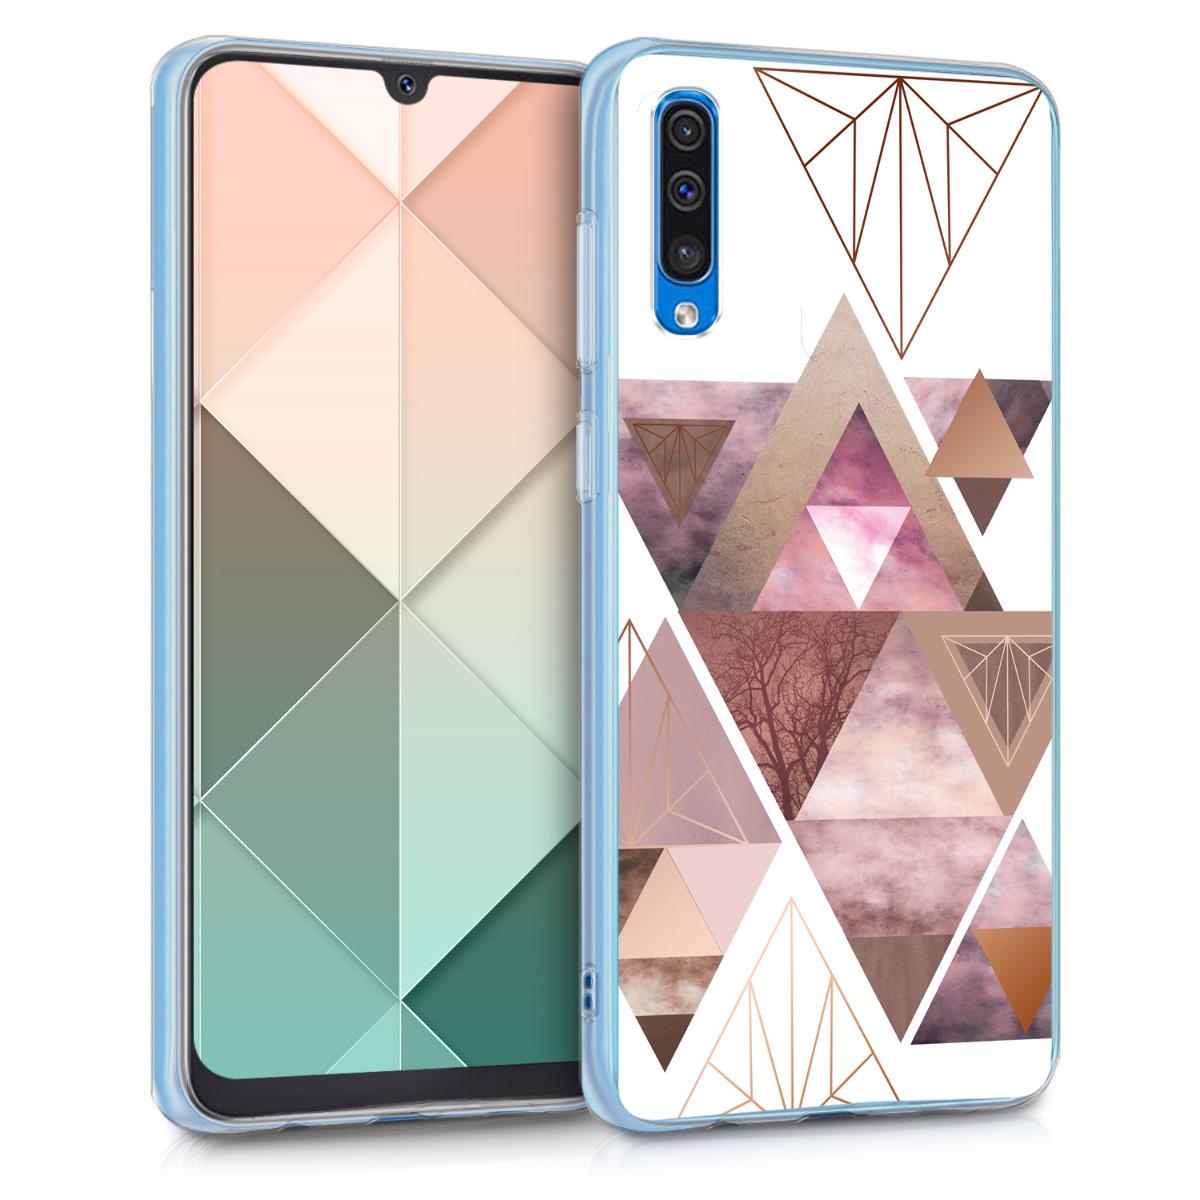 Kvalitní silikonové TPU pouzdro pro Samsung A50 - Patchwork trojúhelníky světle růžové / starorůžové rosegold / bílé